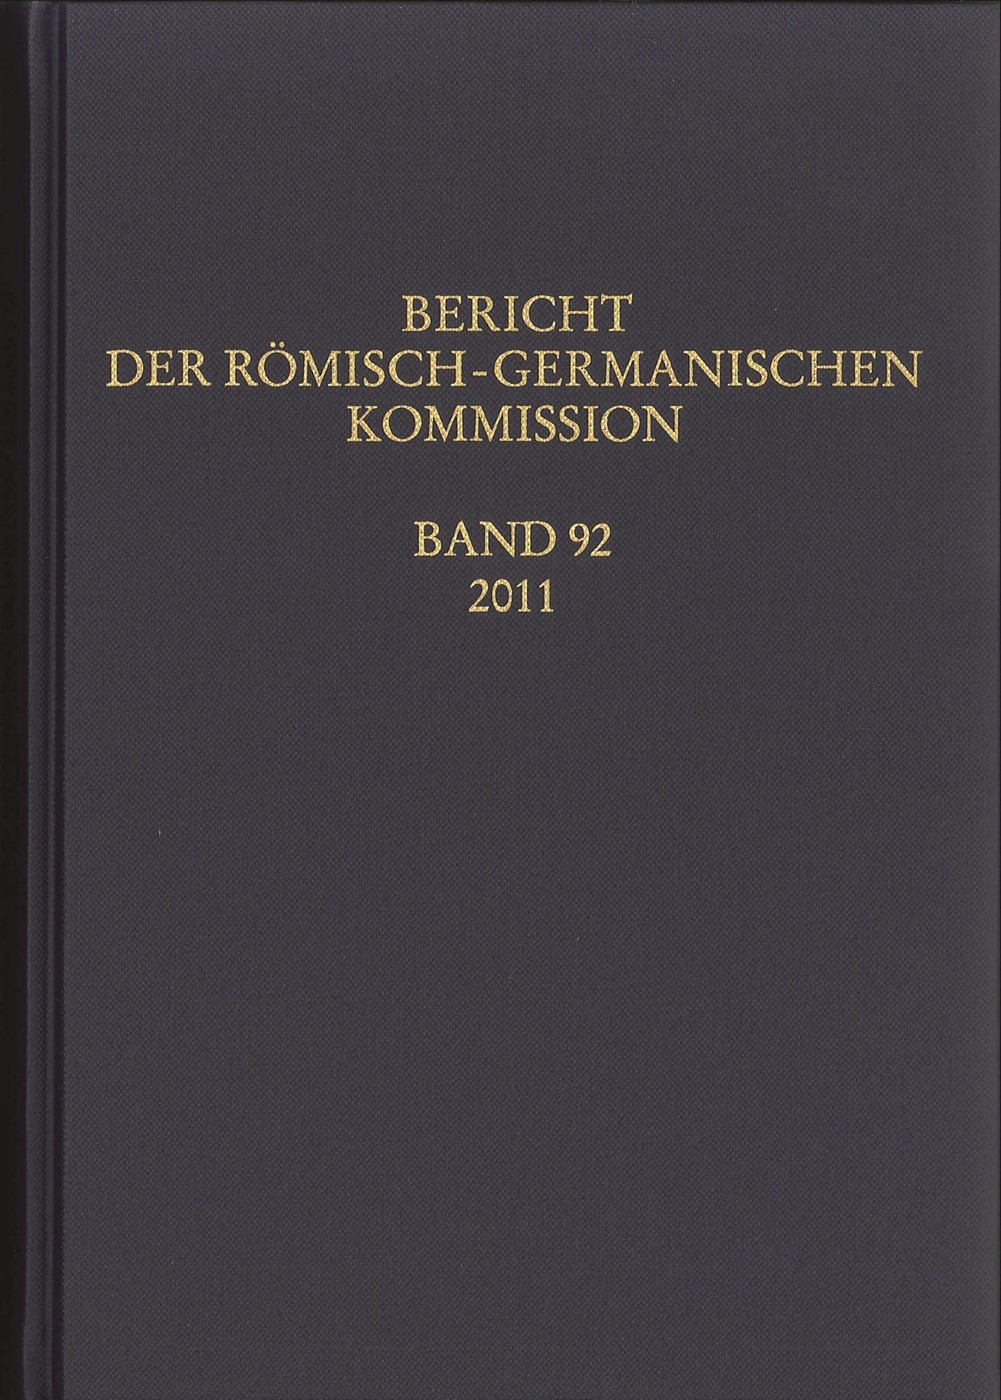 Bericht der Römisch-Germanischen Kommission, 2015 | Buch (Cover)